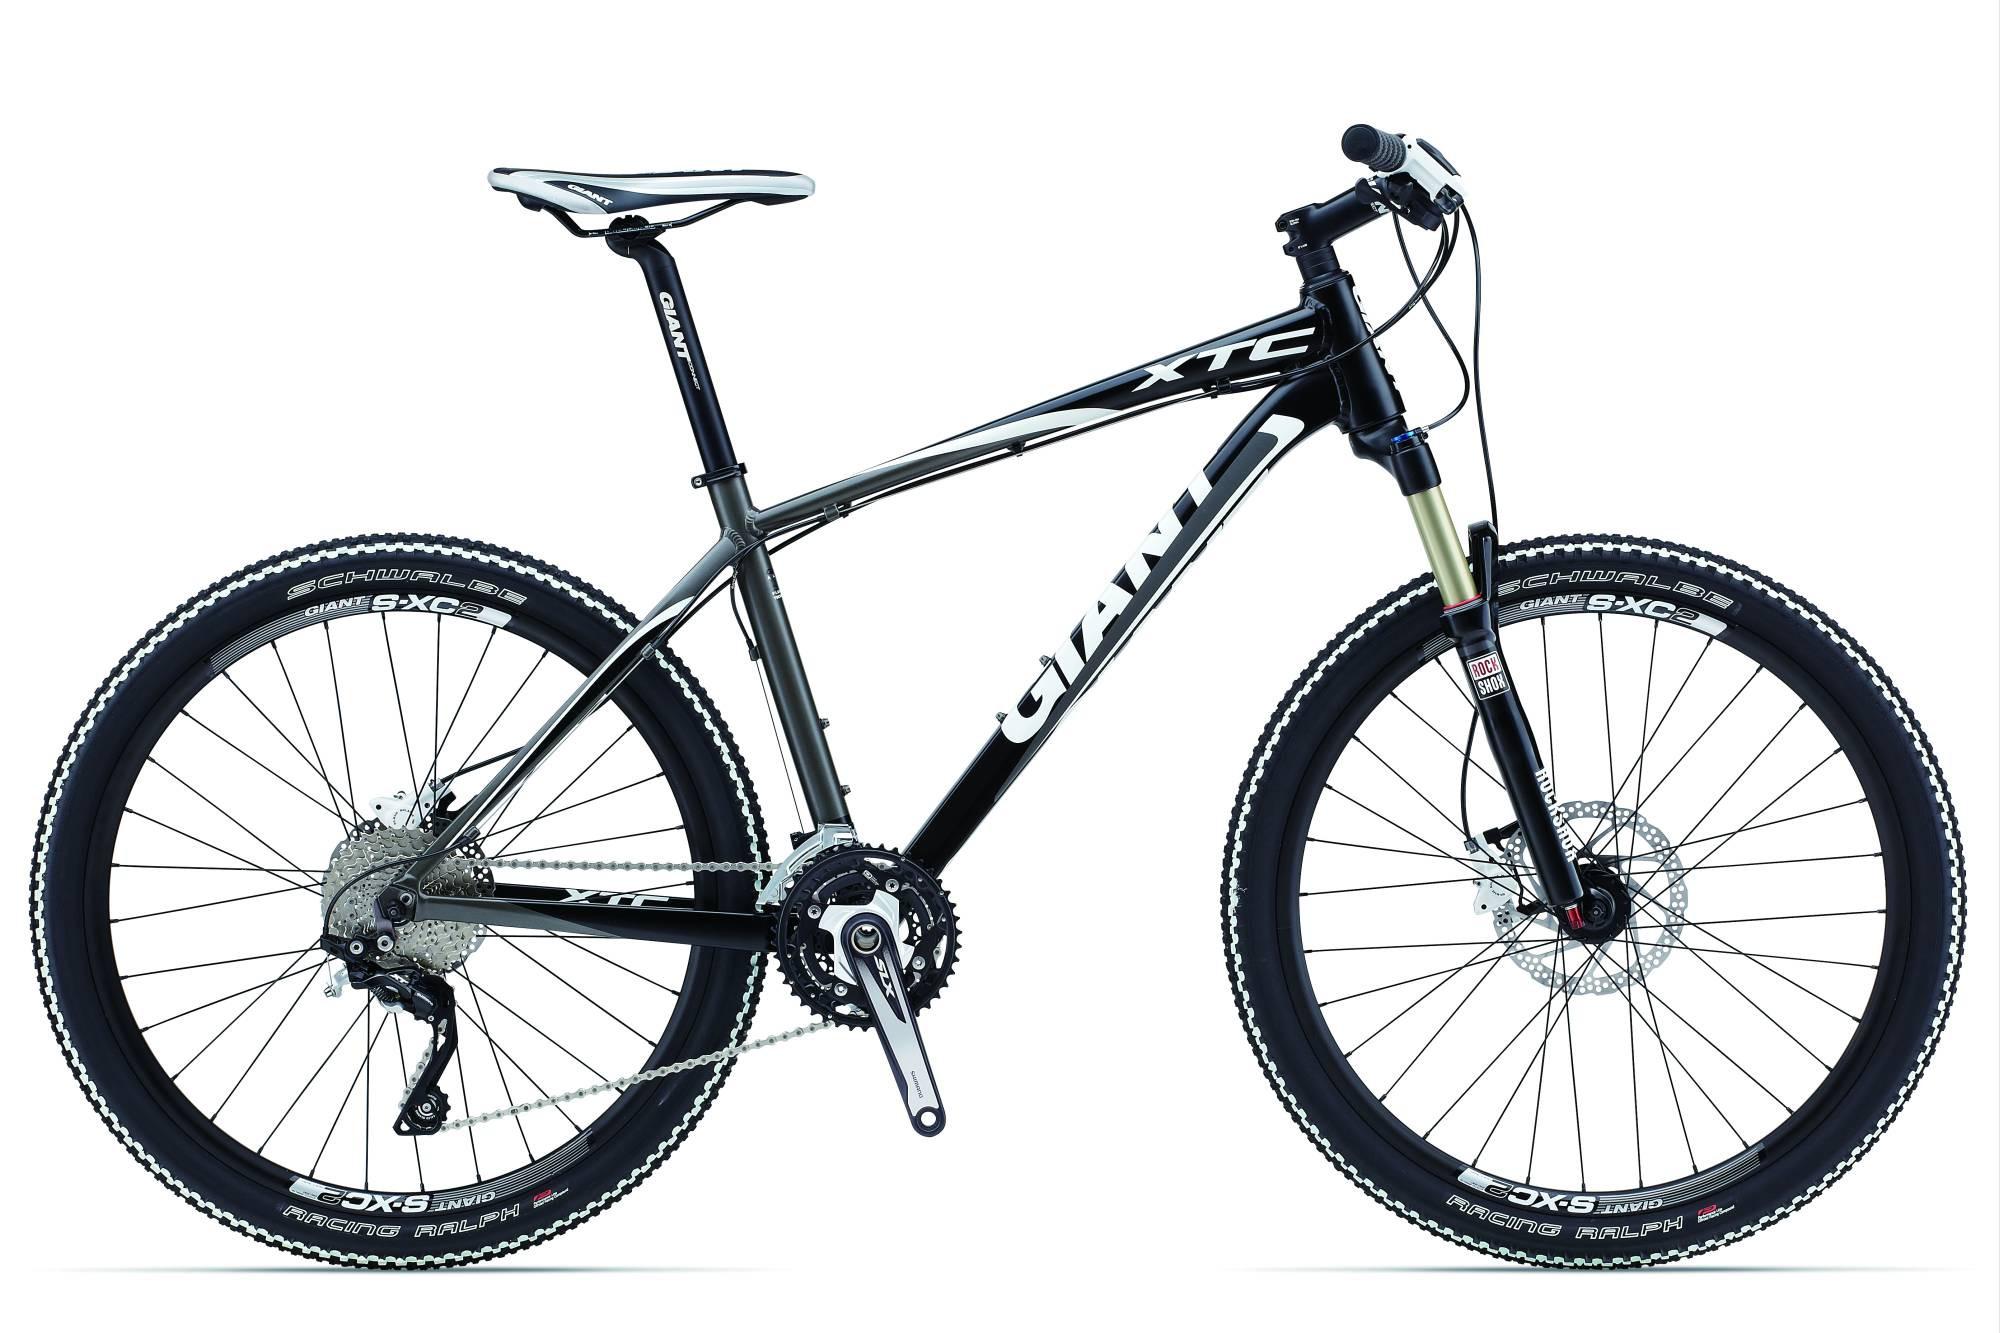 Горный велосипед Giant XTC 1 (2013)Велосипед Giant XTC 1 - топовая модель в своей линейке на алюминиевой раме. Он сочетает в себе передовые технологии более верхних моделей и надежное навесное оборудование японского производства полупрофессионального уровня Shimano Deore XT. Установленная на нем воздушная вилка Recon Gold TK Solo Air имеет легкий вес и прогрессивные характеристики, а гоночная резина Schwalbe Racing Ralph 26x2.1 обеспечит колоссальный накат практически на любом покрытии. <br><br><br><br><br><br>Рама<br><br><br>ALUXX SL-Grade Aluminium<br><br><br><br><br>Вилка<br><br><br>RockShox Recon Gold TK Solo Air w/ PopLoc Remote, Tapered Steerer, 100mm travel<br><br><br><br><br>Тормоза<br><br><br>Shimano M446 [F] 180mm, [R] 160mm rotors<br><br><br><br><br>Задний переключатель<br><br><br>Shimano XT, 10-speed<br><br><br><br><br>Рулевая колонка<br><br><br>Интегрированная OverDrive<br><br><br><br><br>Руль<br><br><br>Connect XC, 19mm rise, 640 x 31.8<br><br><br><br><br>Вынос<br><br><br>Giant Connect, OverDrive<br><br><br><br><br>Подседельный штырь<br><br><br>Giant Connect 30.9<br><br><br><br><br>Седло<br><br><br>Giant Performance MTB<br><br><br><br><br>Педали<br><br><br>Не входят в комплект<br><br><br><br><br>Шифтеры/Манетки<br><br><br>Shimano SLX, 3x10 speed<br><br><br><br><br>Передний переключатель<br><br><br>Shimano SLX<br><br><br><br><br>Тормозные ручки<br><br><br>Shimano M505<br><br><br><br><br>Кассета<br><br><br>Shimano HG-62 11-36t<br><br><br><br><br>Цепь<br><br><br>KMC X10<br><br><br><br><br>Система/шатуны<br><br><br>Shimano SLX 24/32/42<br><br><br><br><br>Каретка<br><br><br>Shimano Press Fit<br><br><br><br><br>Обода<br><br><br>Giant S-XC2 wheelset<br><br><br><br><br>Втулки<br><br><br>Giant Tracker Sport, 32h<br><br><br><br><br>Покрышки<br><br><br>Schwalbe Racing Ralph 26x2.1, wire bead, w/ white stripes<br><br><br><br><br>Вес<br><br><br>11.7 kg<br><br><br><br><br>Цвет<br><br><br>wht/red/blk, sbk/gry/wht<br><br><br><br><br>Размер<br><br><br>16, 18, 22, 20<br